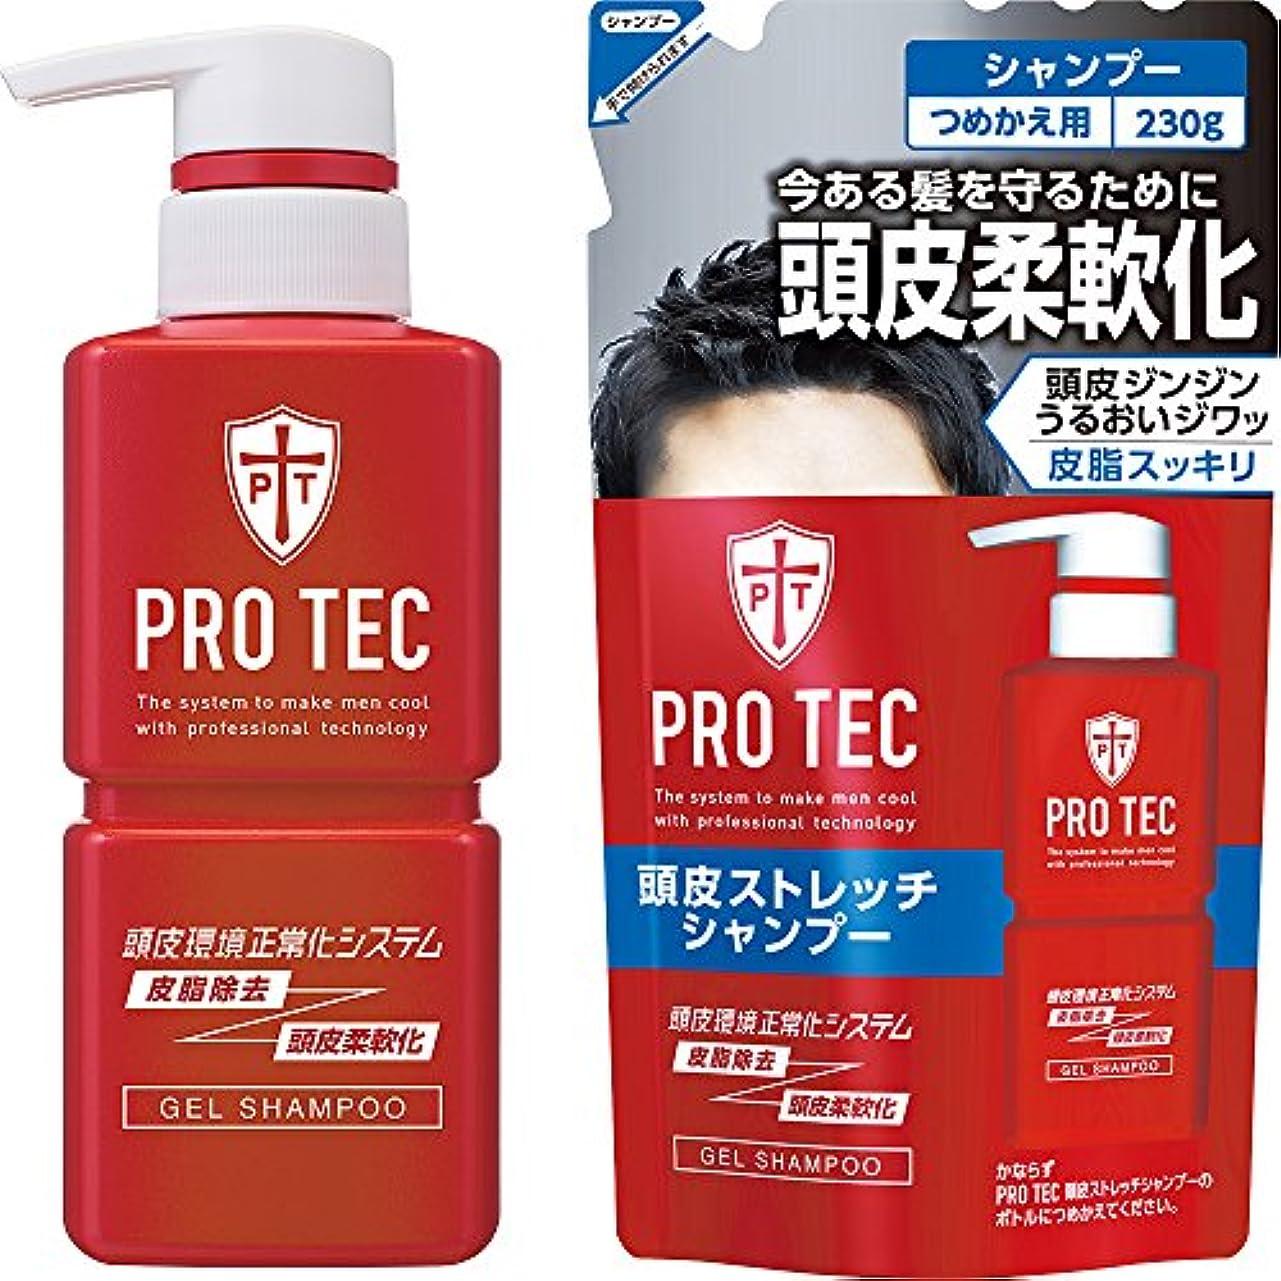 頑張るマオリ与えるPRO TEC(プロテク) 頭皮ストレッチシャンプー 本体ポンプ300g+詰め替え230g セット(医薬部外品)